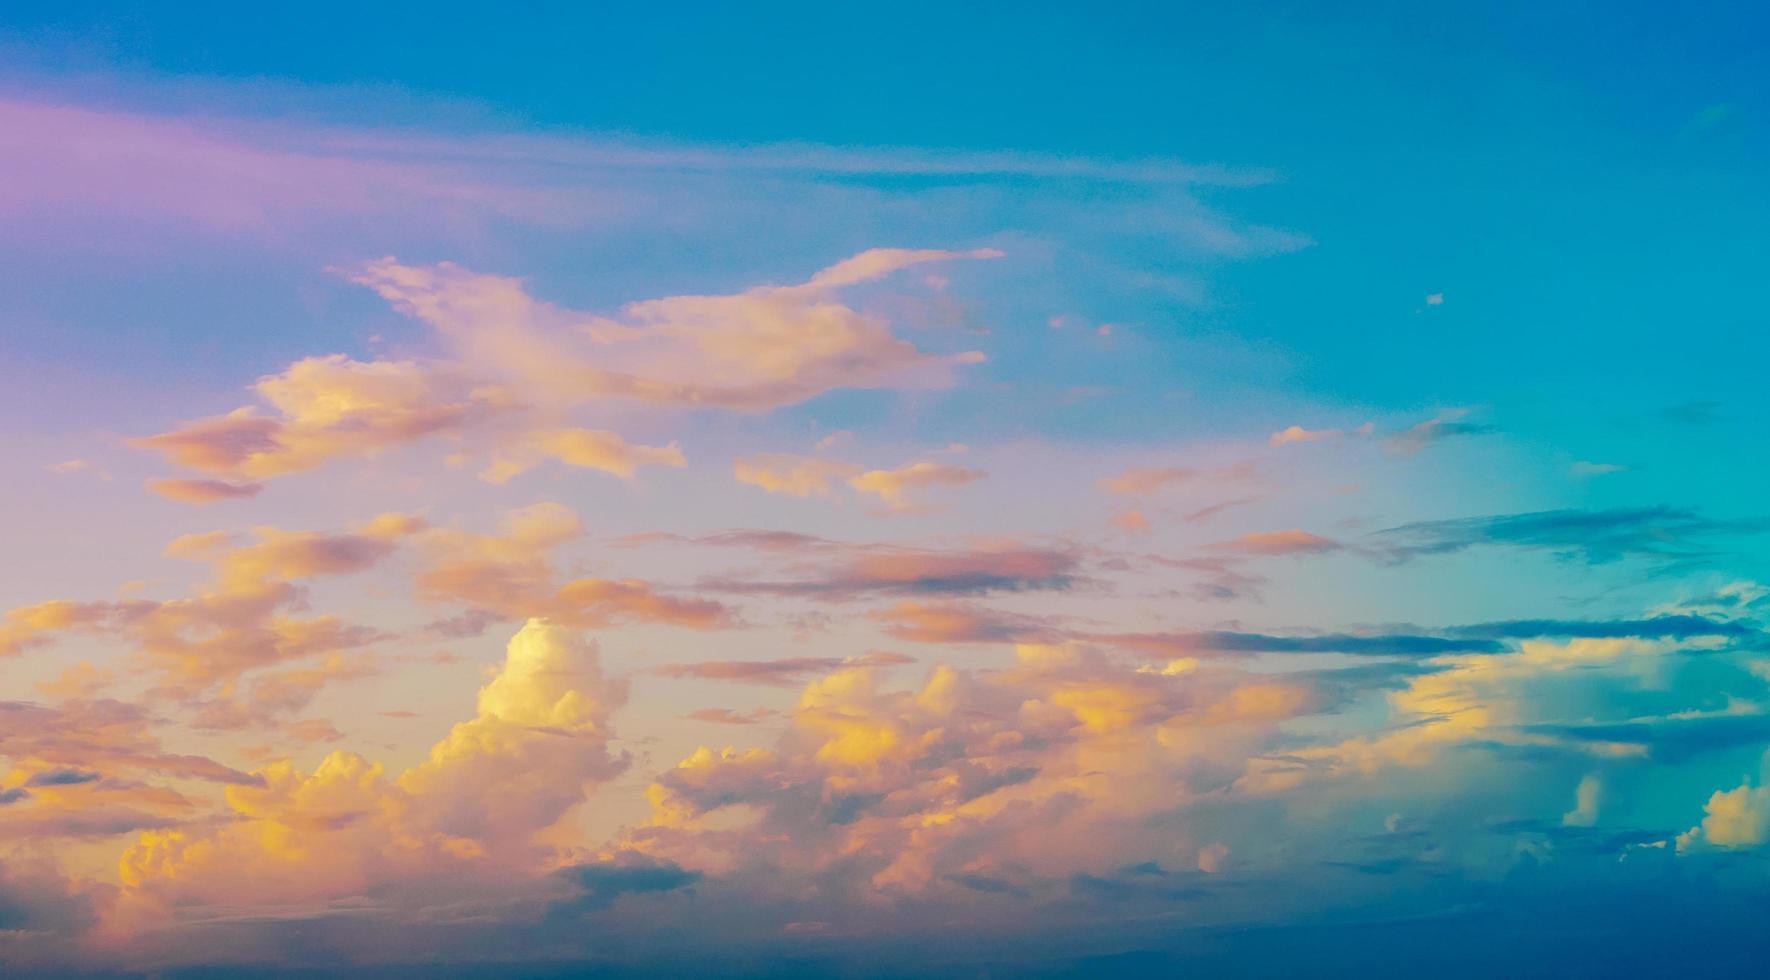 verzadigde kleuren van blauwe lucht in de zomer foto